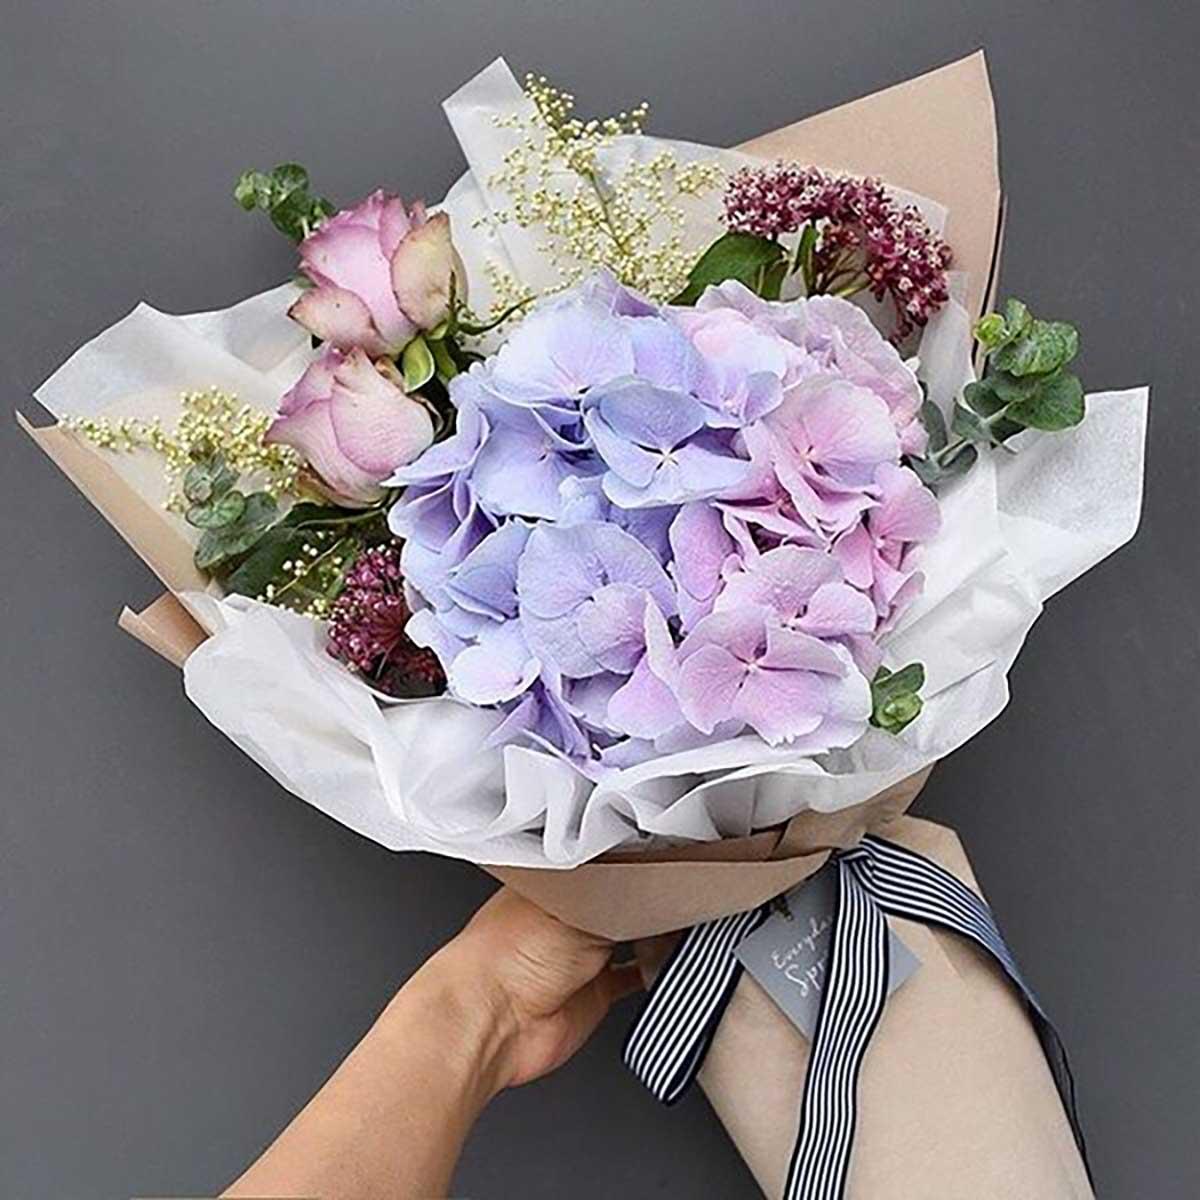 bouquet-evenementiel-fleurs-violettes